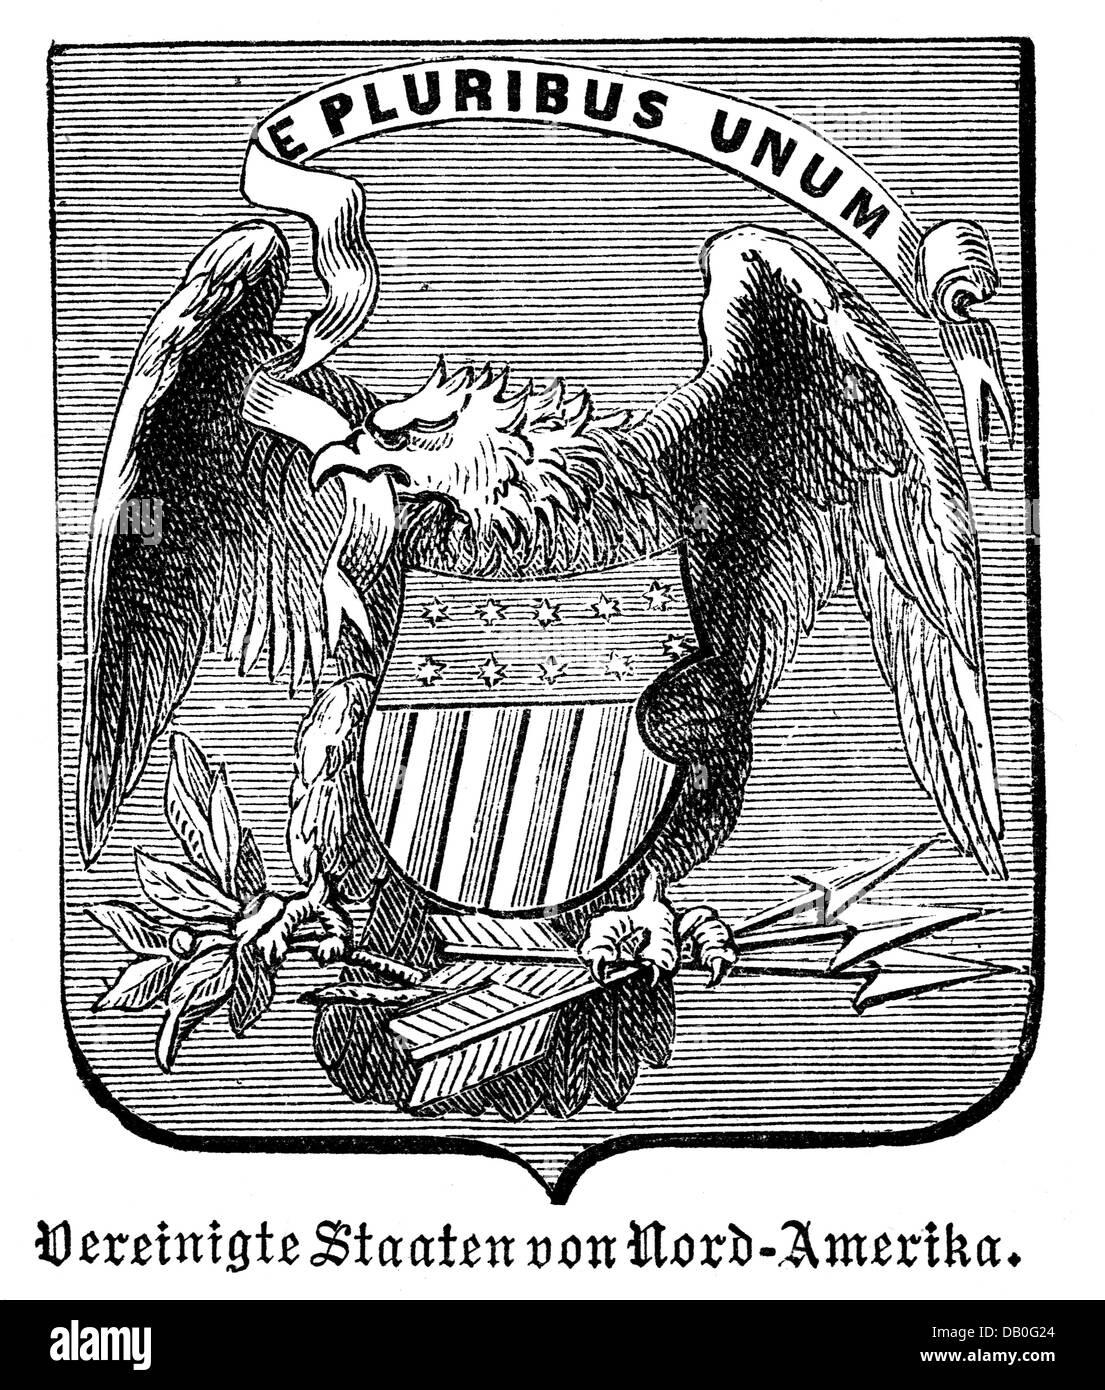 Heraldik, Wappen, USA, Staatswappen der Vereinigten Staaten von Amerika, Holzstich, 1872, Zusatz-Rechte-Clearenzen-nicht lieferbar Stockfoto